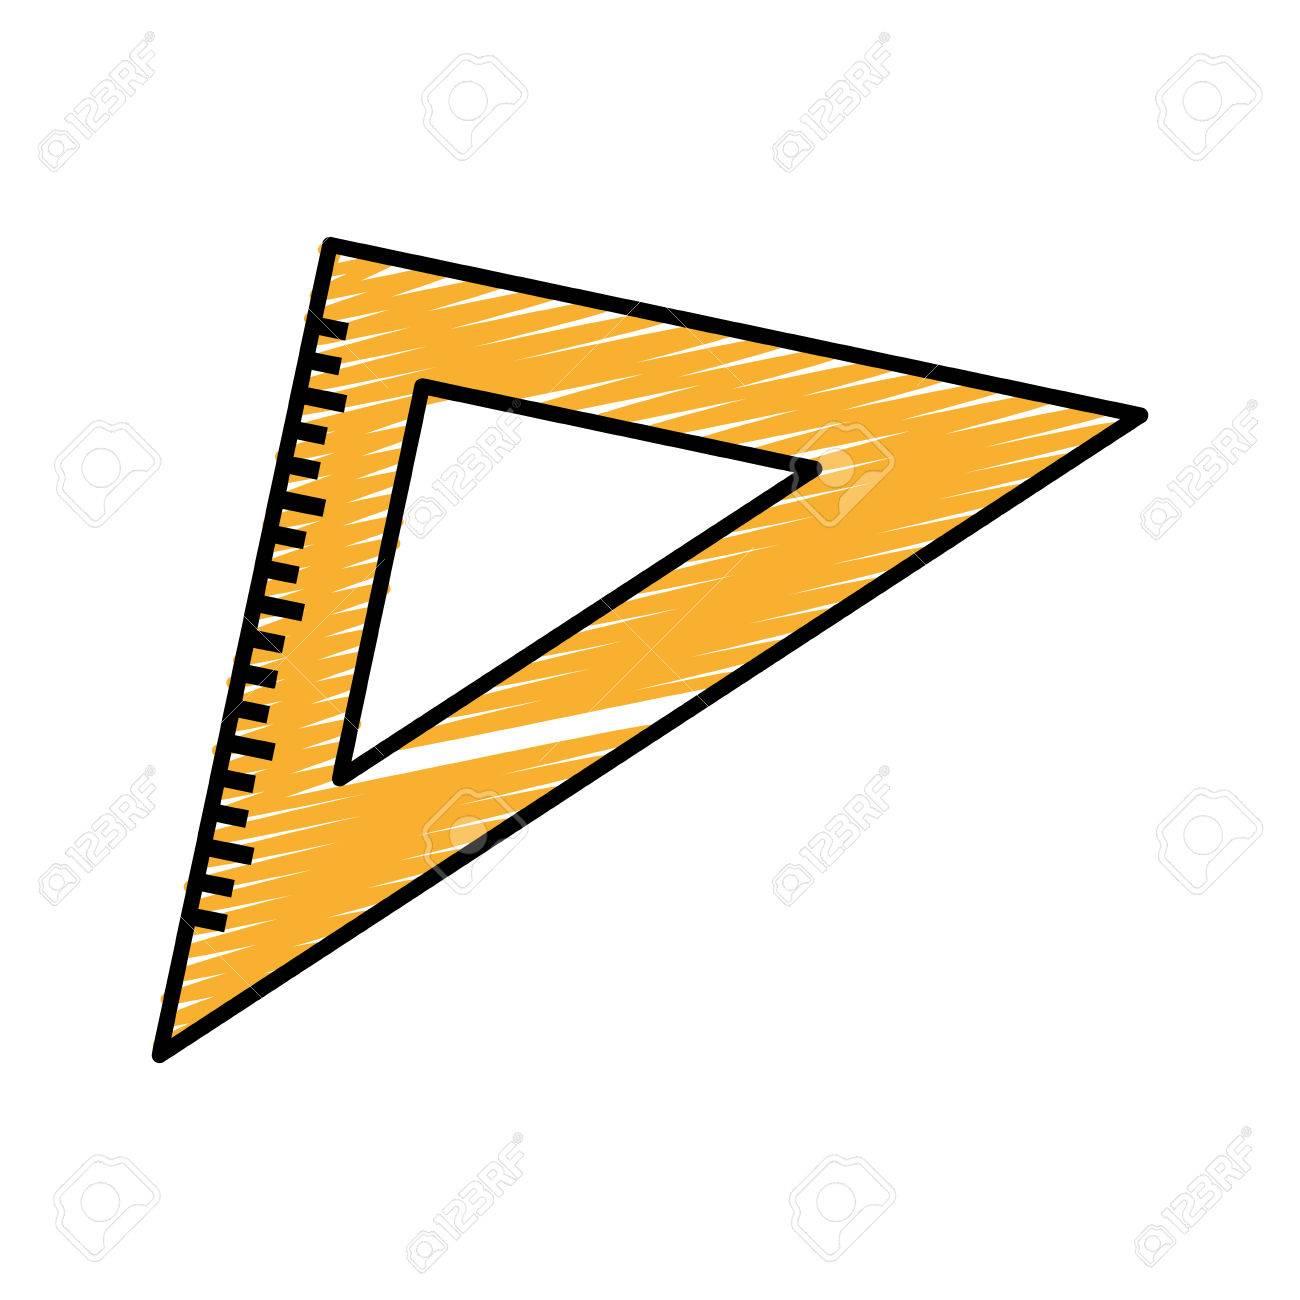 三角定規ツールベクトル イラスト デザインを勉強するにはのイラスト